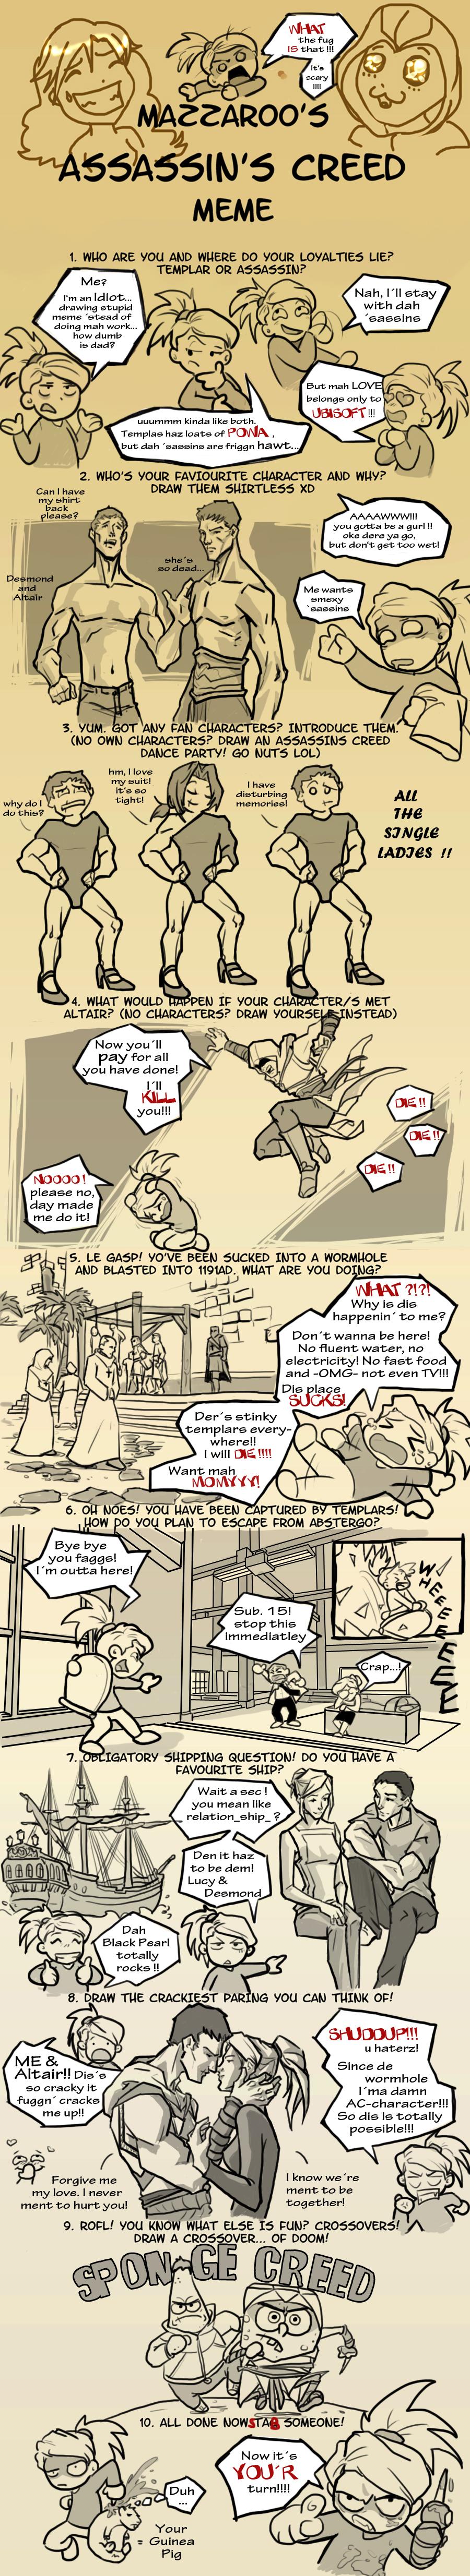 Assassins Creed Meme by dlazaru